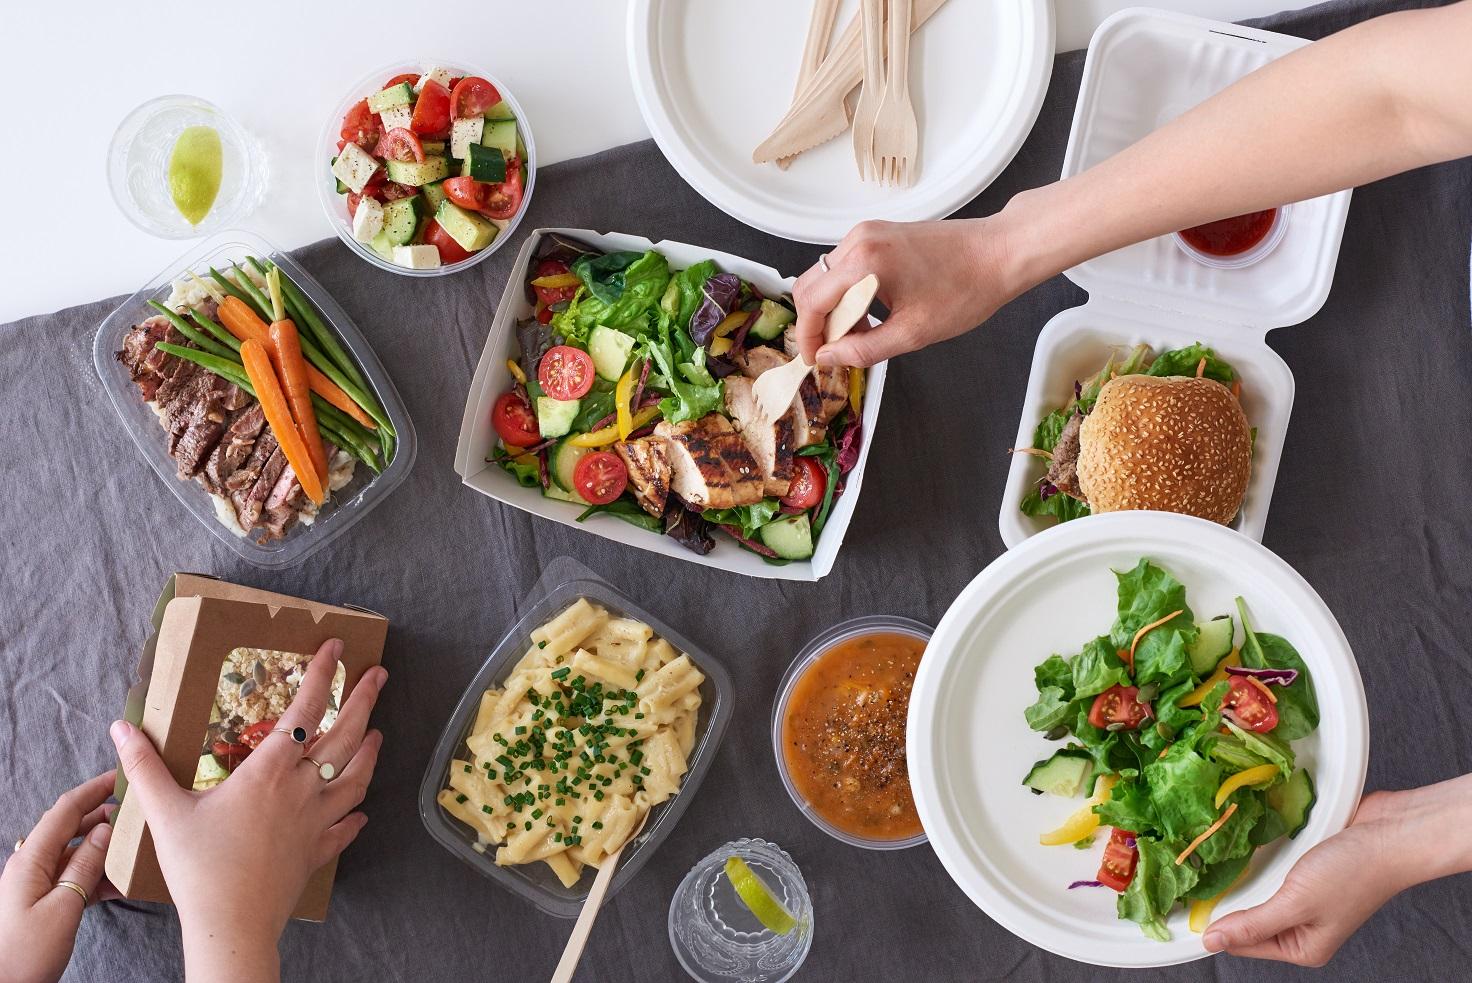 「ハンバーガー VS 電気炊飯器」で考える、私たちの生活の変化。